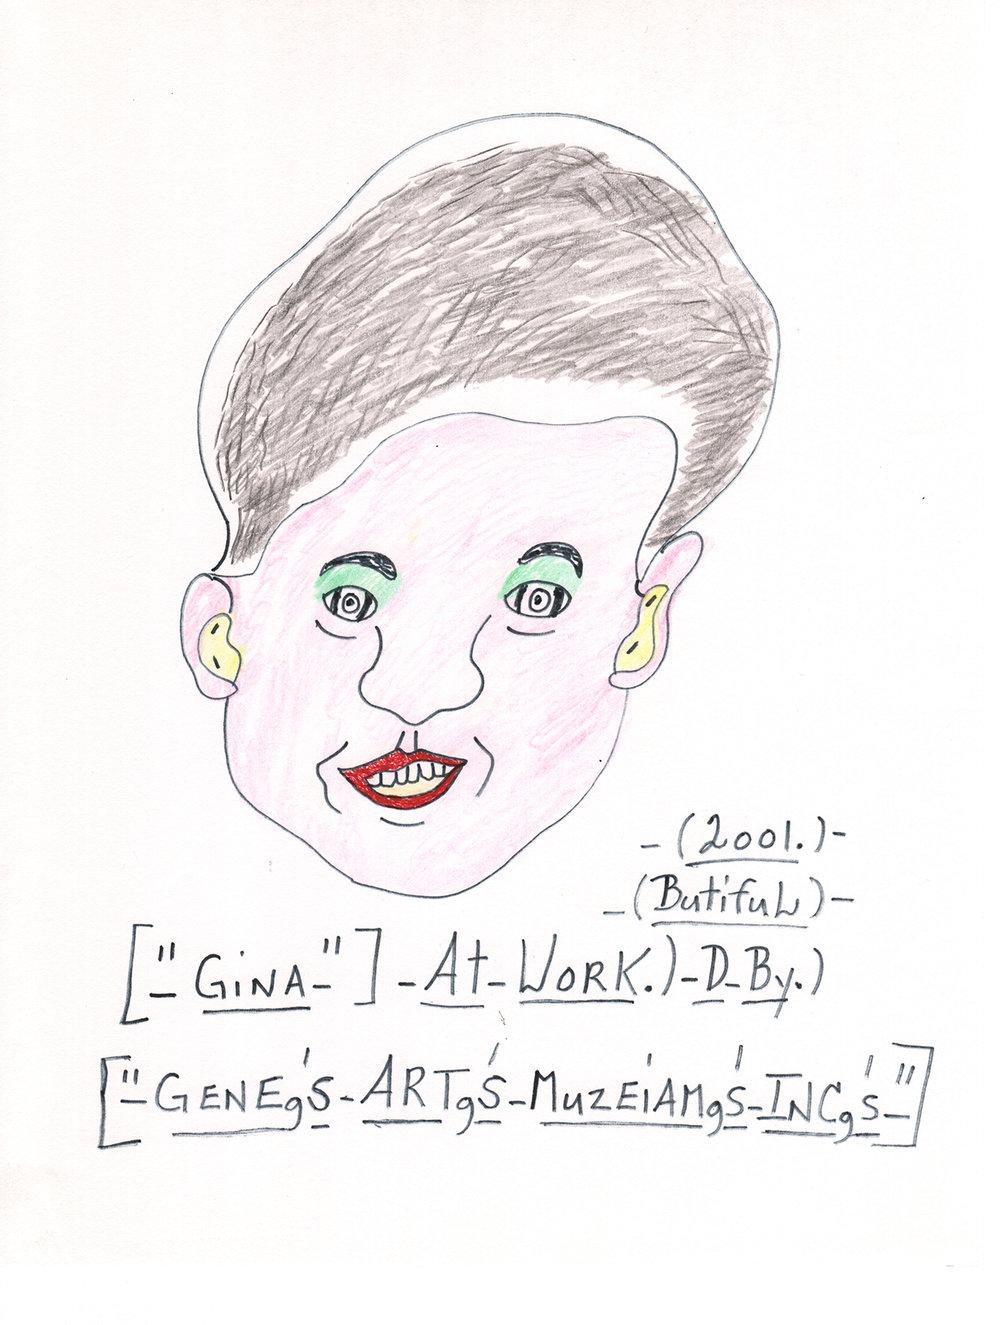 Gina at Work by Gene Merritt